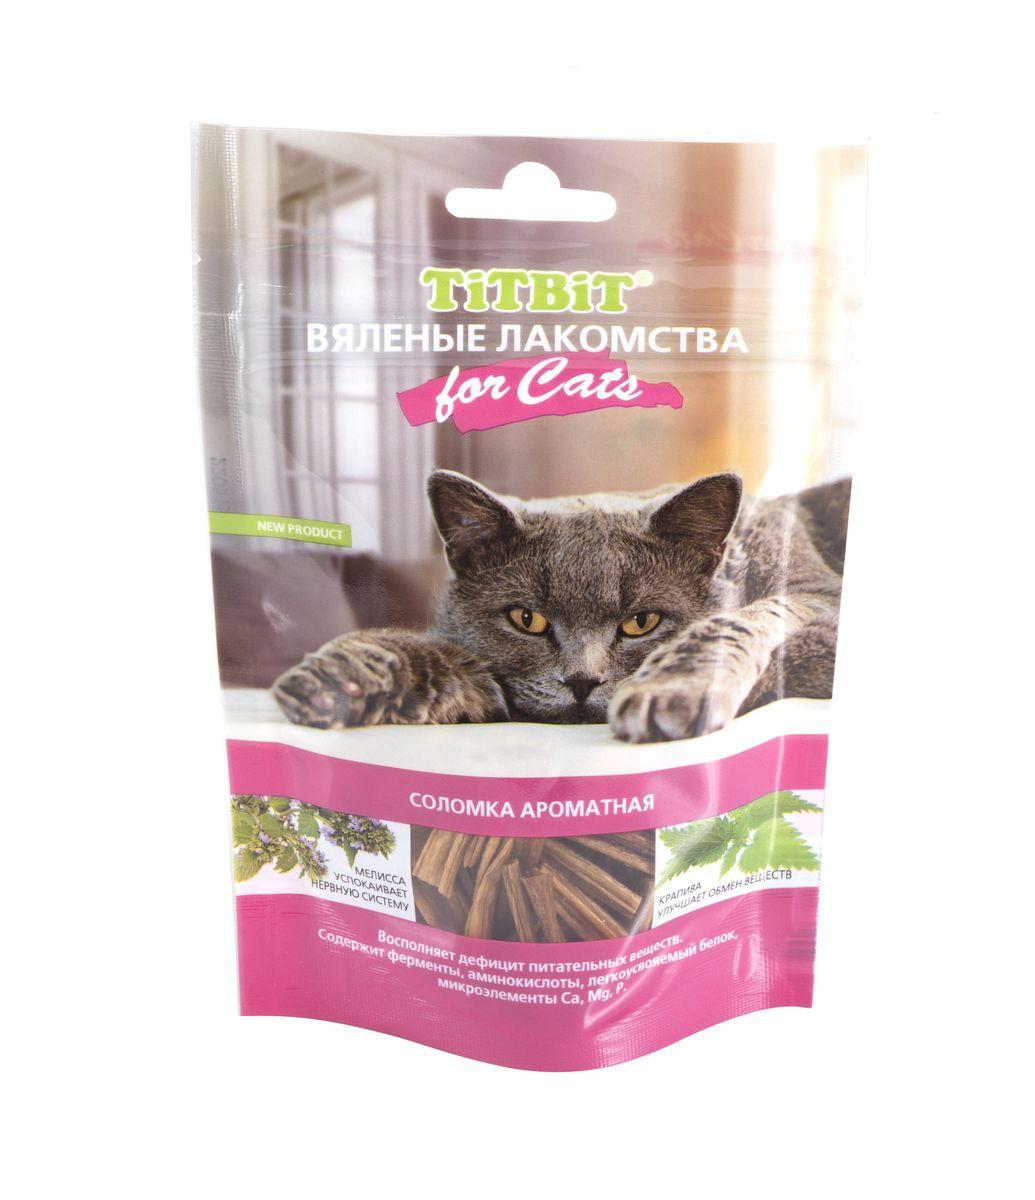 Лакомство для кошек Titbit, вяленая соломка, 40 г0120710Вяленые лакомства Titbit - новые продукты премиум-класса для кошек. Изготовлены по уникальной технологии с использованием только натуральных мясных продуктов и более 20 эффективных фитокомплексов, обладающих профилактическими и иммуномодулирующими свойствами. Нежные кусочки мясопродуктов, пропитанные ароматными травами и растительными экстрактами, понравятся даже самому капризному питомцу. Лакомства предназначены для здоровых кошек всех пород и возрастов, ведущих активный образ жизни. Для производства лакомств используются только натуральные мясные продукты. Благодаря высокой пищевой ценности, позволяют удовлетворить повышенные потребности в энергии. Лакомство содержит ферменты, аминокислоты, легкоусвояемый белок, микроэлементы Ca, Mg, P.Вяленые лакомства Titbit произведены по оригинальной технологии. Мясные продукты сначала замачивают в обогащенной фитокорректорами смеси, затем происходит процесс вяления, аналогичный естественной сушке на солнце.Состав: кишки говяжьи, мелисса, крапива.Пищевая ценность: белки 50 г, жиры 21 г, зола 1 г, влага 20 г.Энергетическая ценность (на 100 г продукта): 418 ккал.Товар сертифицирован.